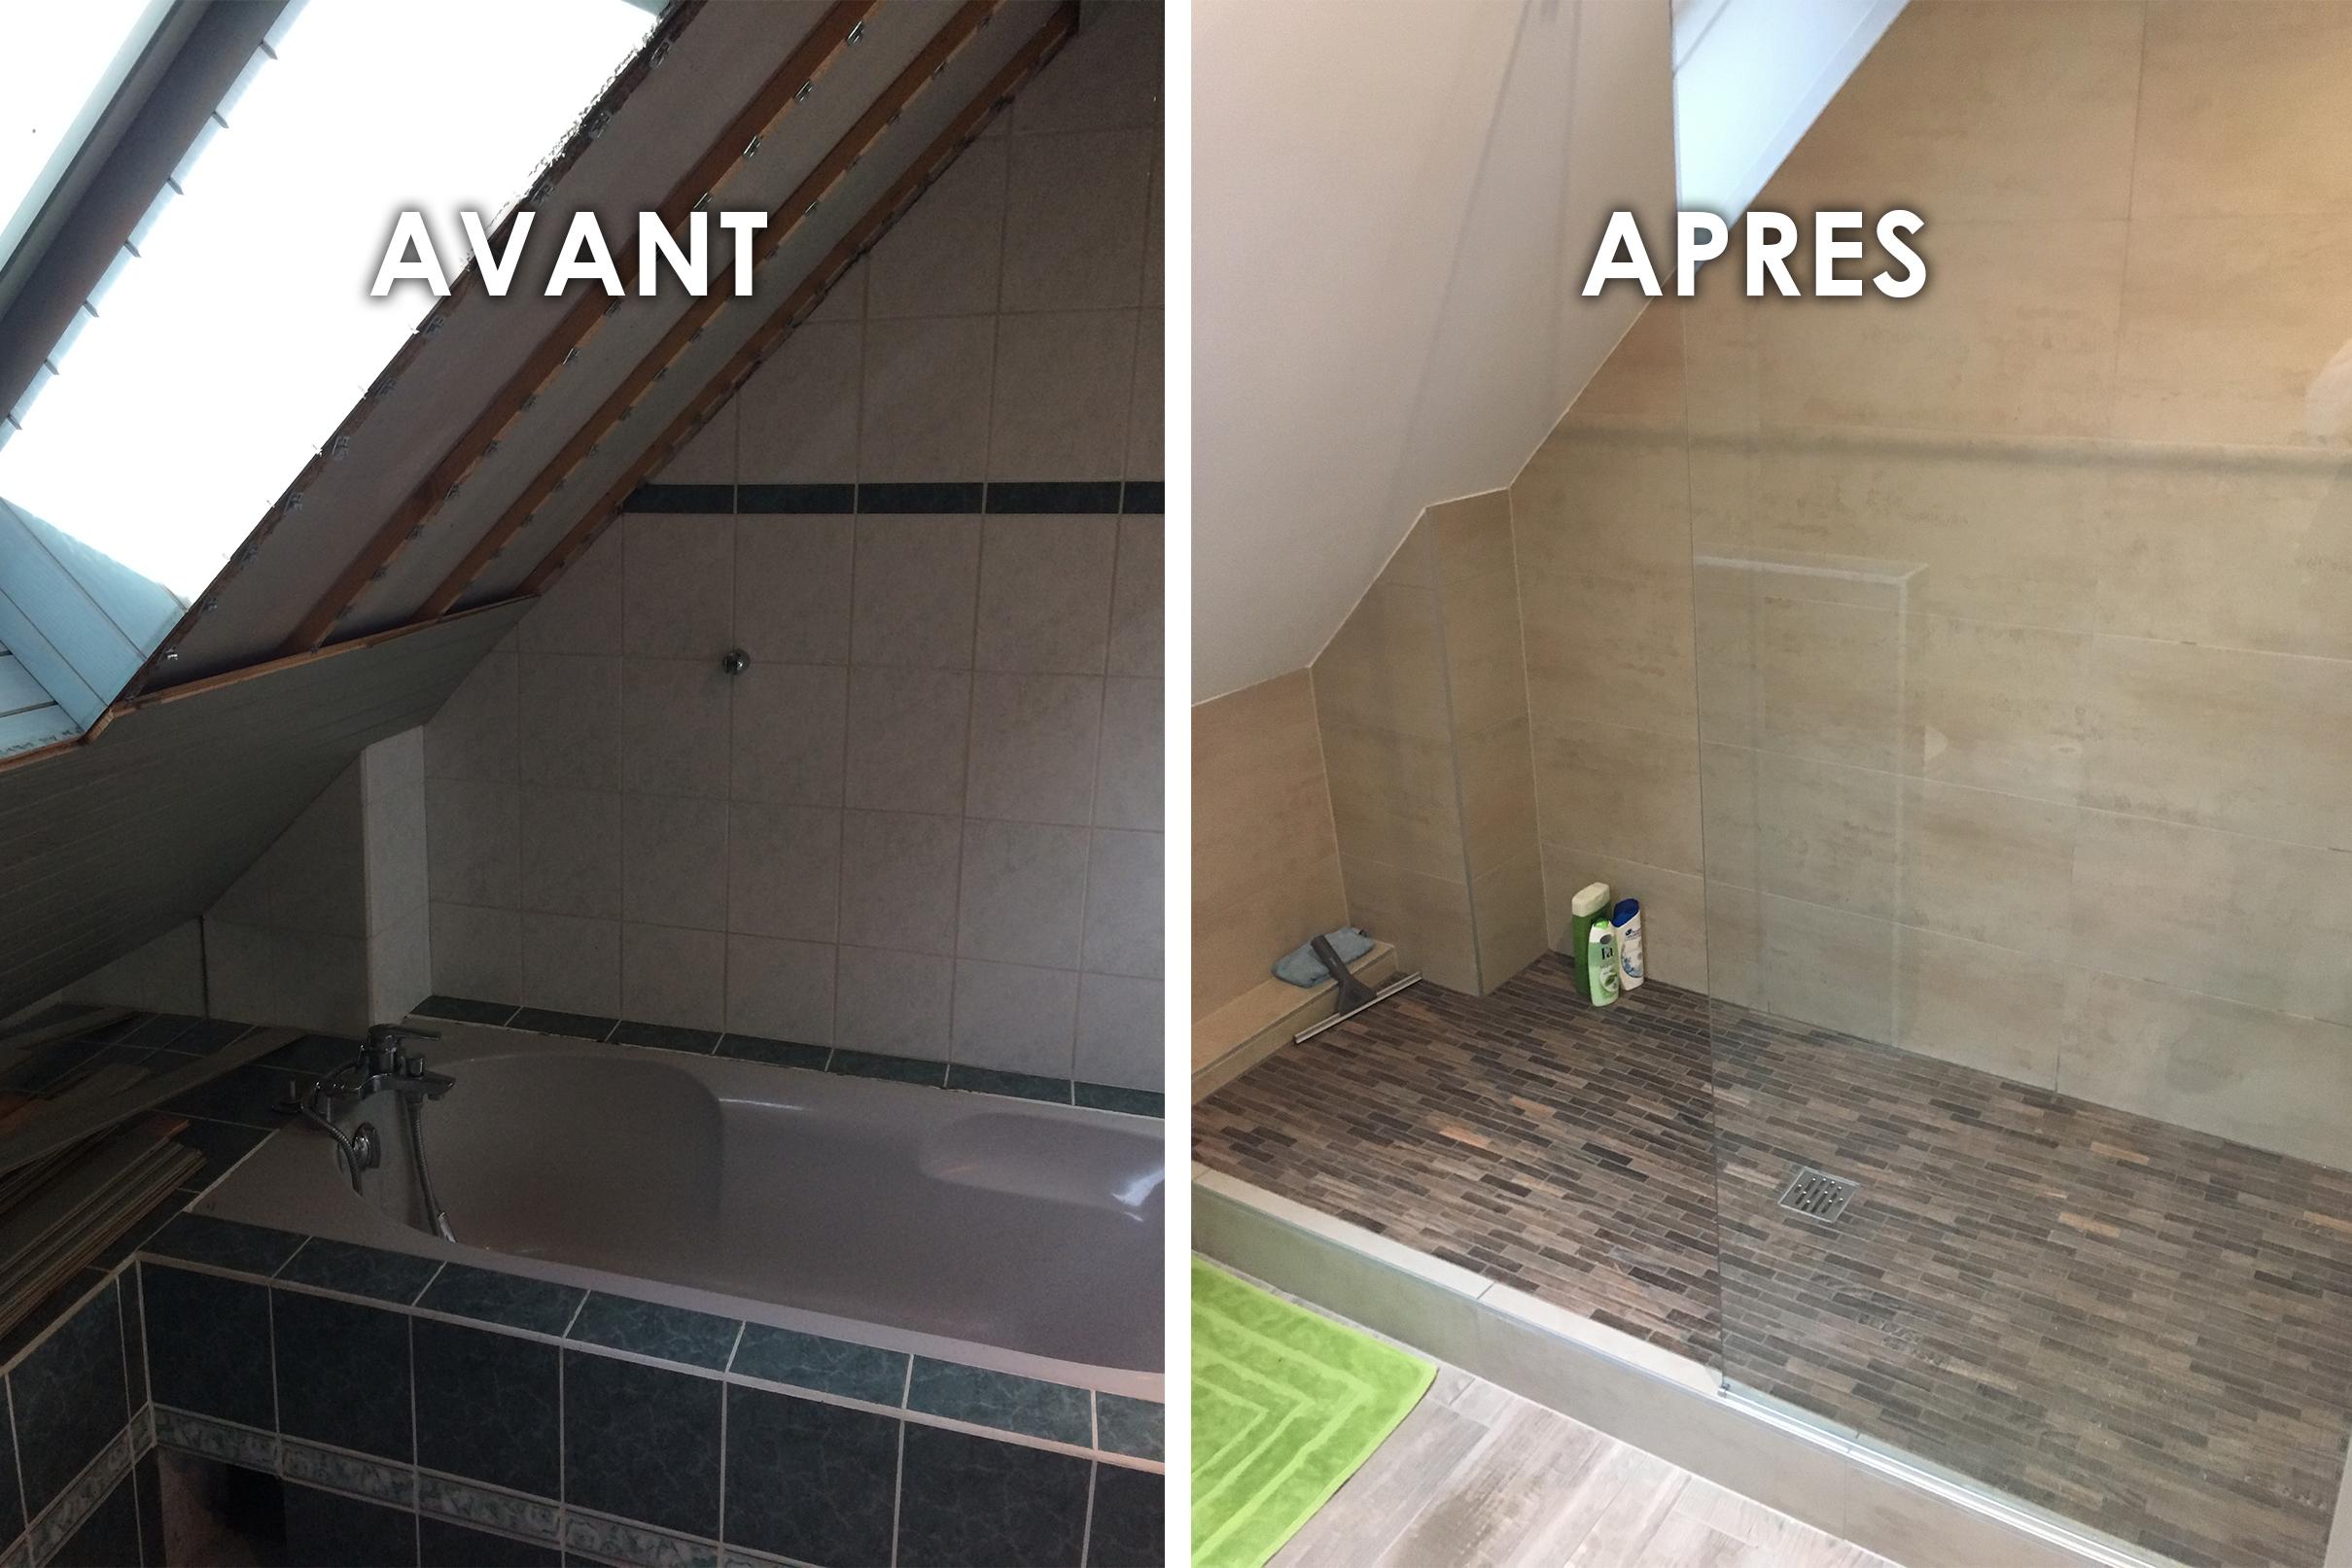 pose_de_carrelage_salle de bain